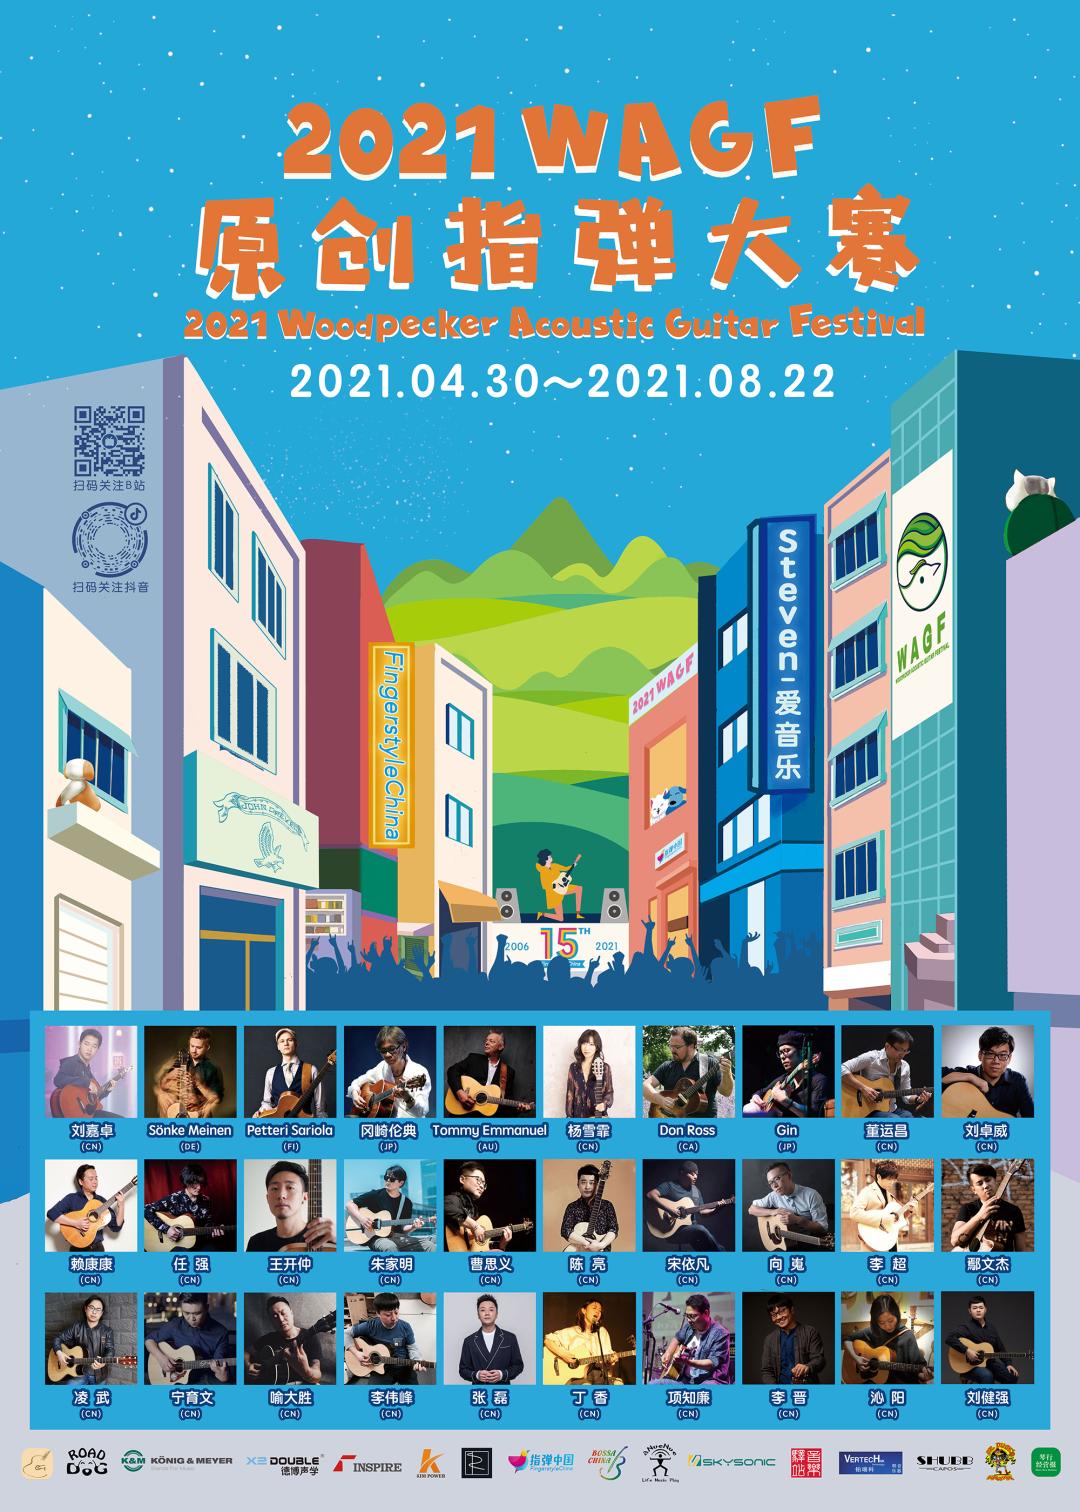 为2021WAGF原创指弹大赛21-35号选手加油!!!